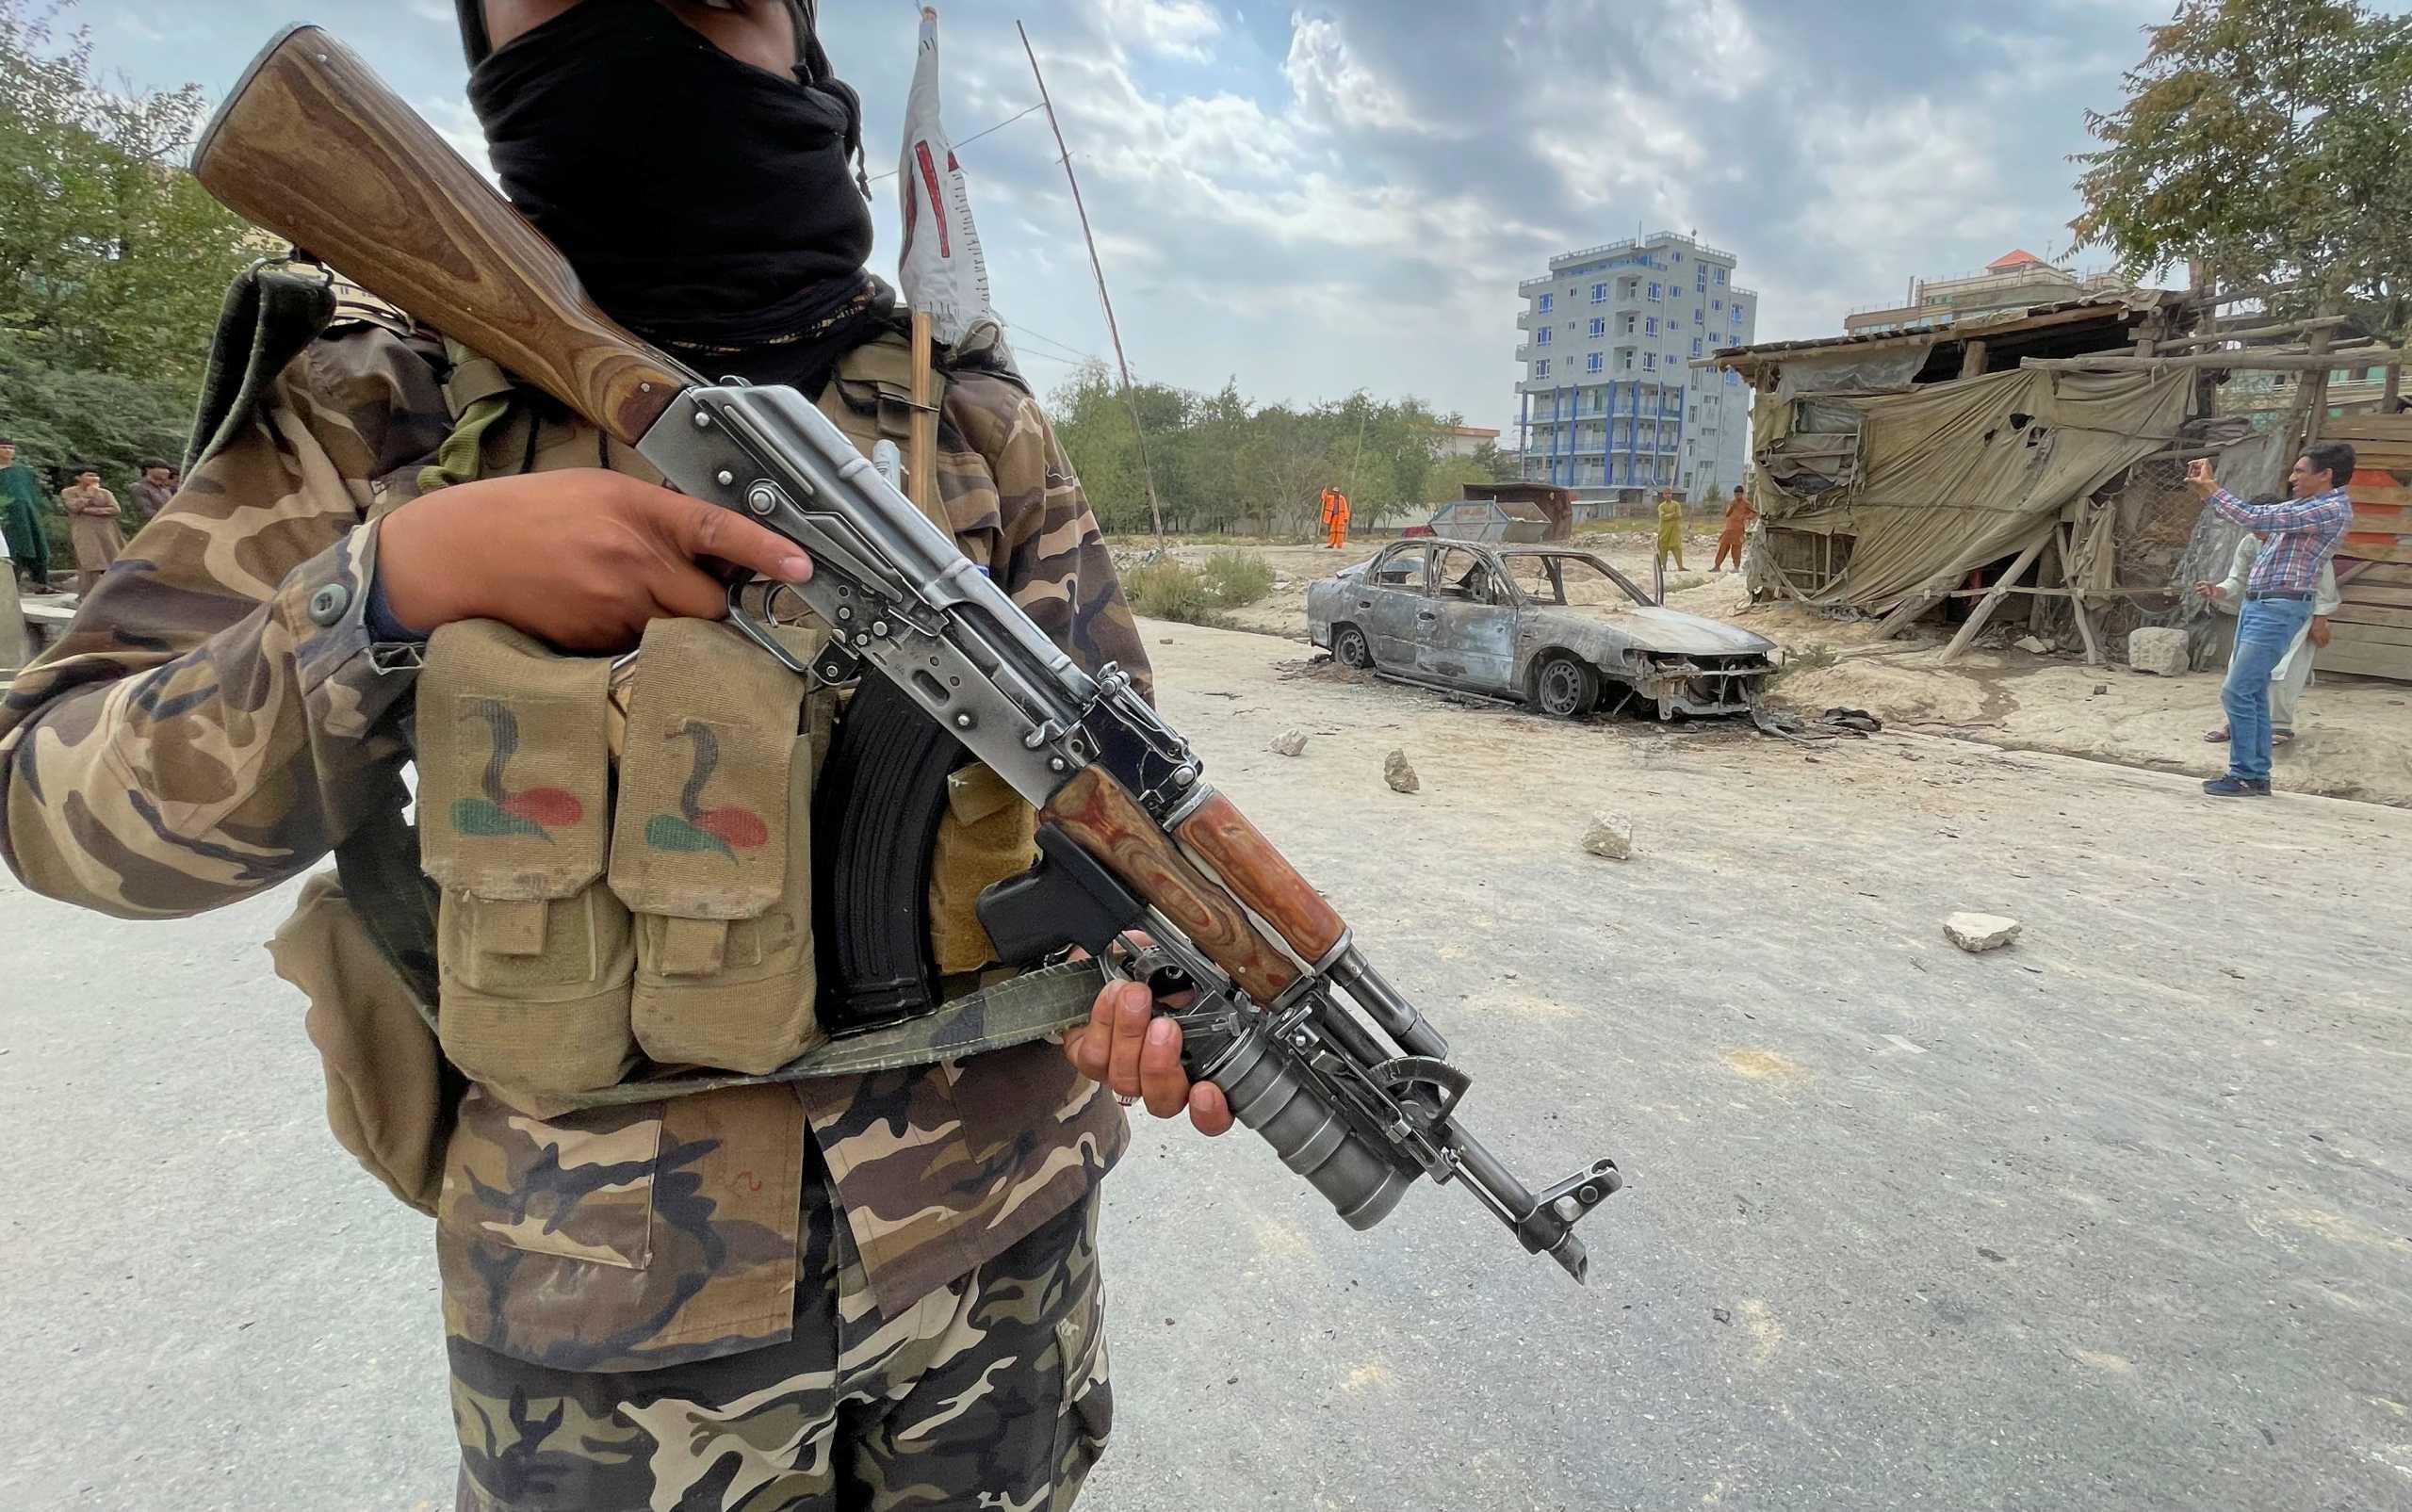 Αφγανιστάν: Το μεγαλύτερο μέρος του διπλωματικού προσωπικού των ΗΠΑ έχει φύγει από την Καμπούλ